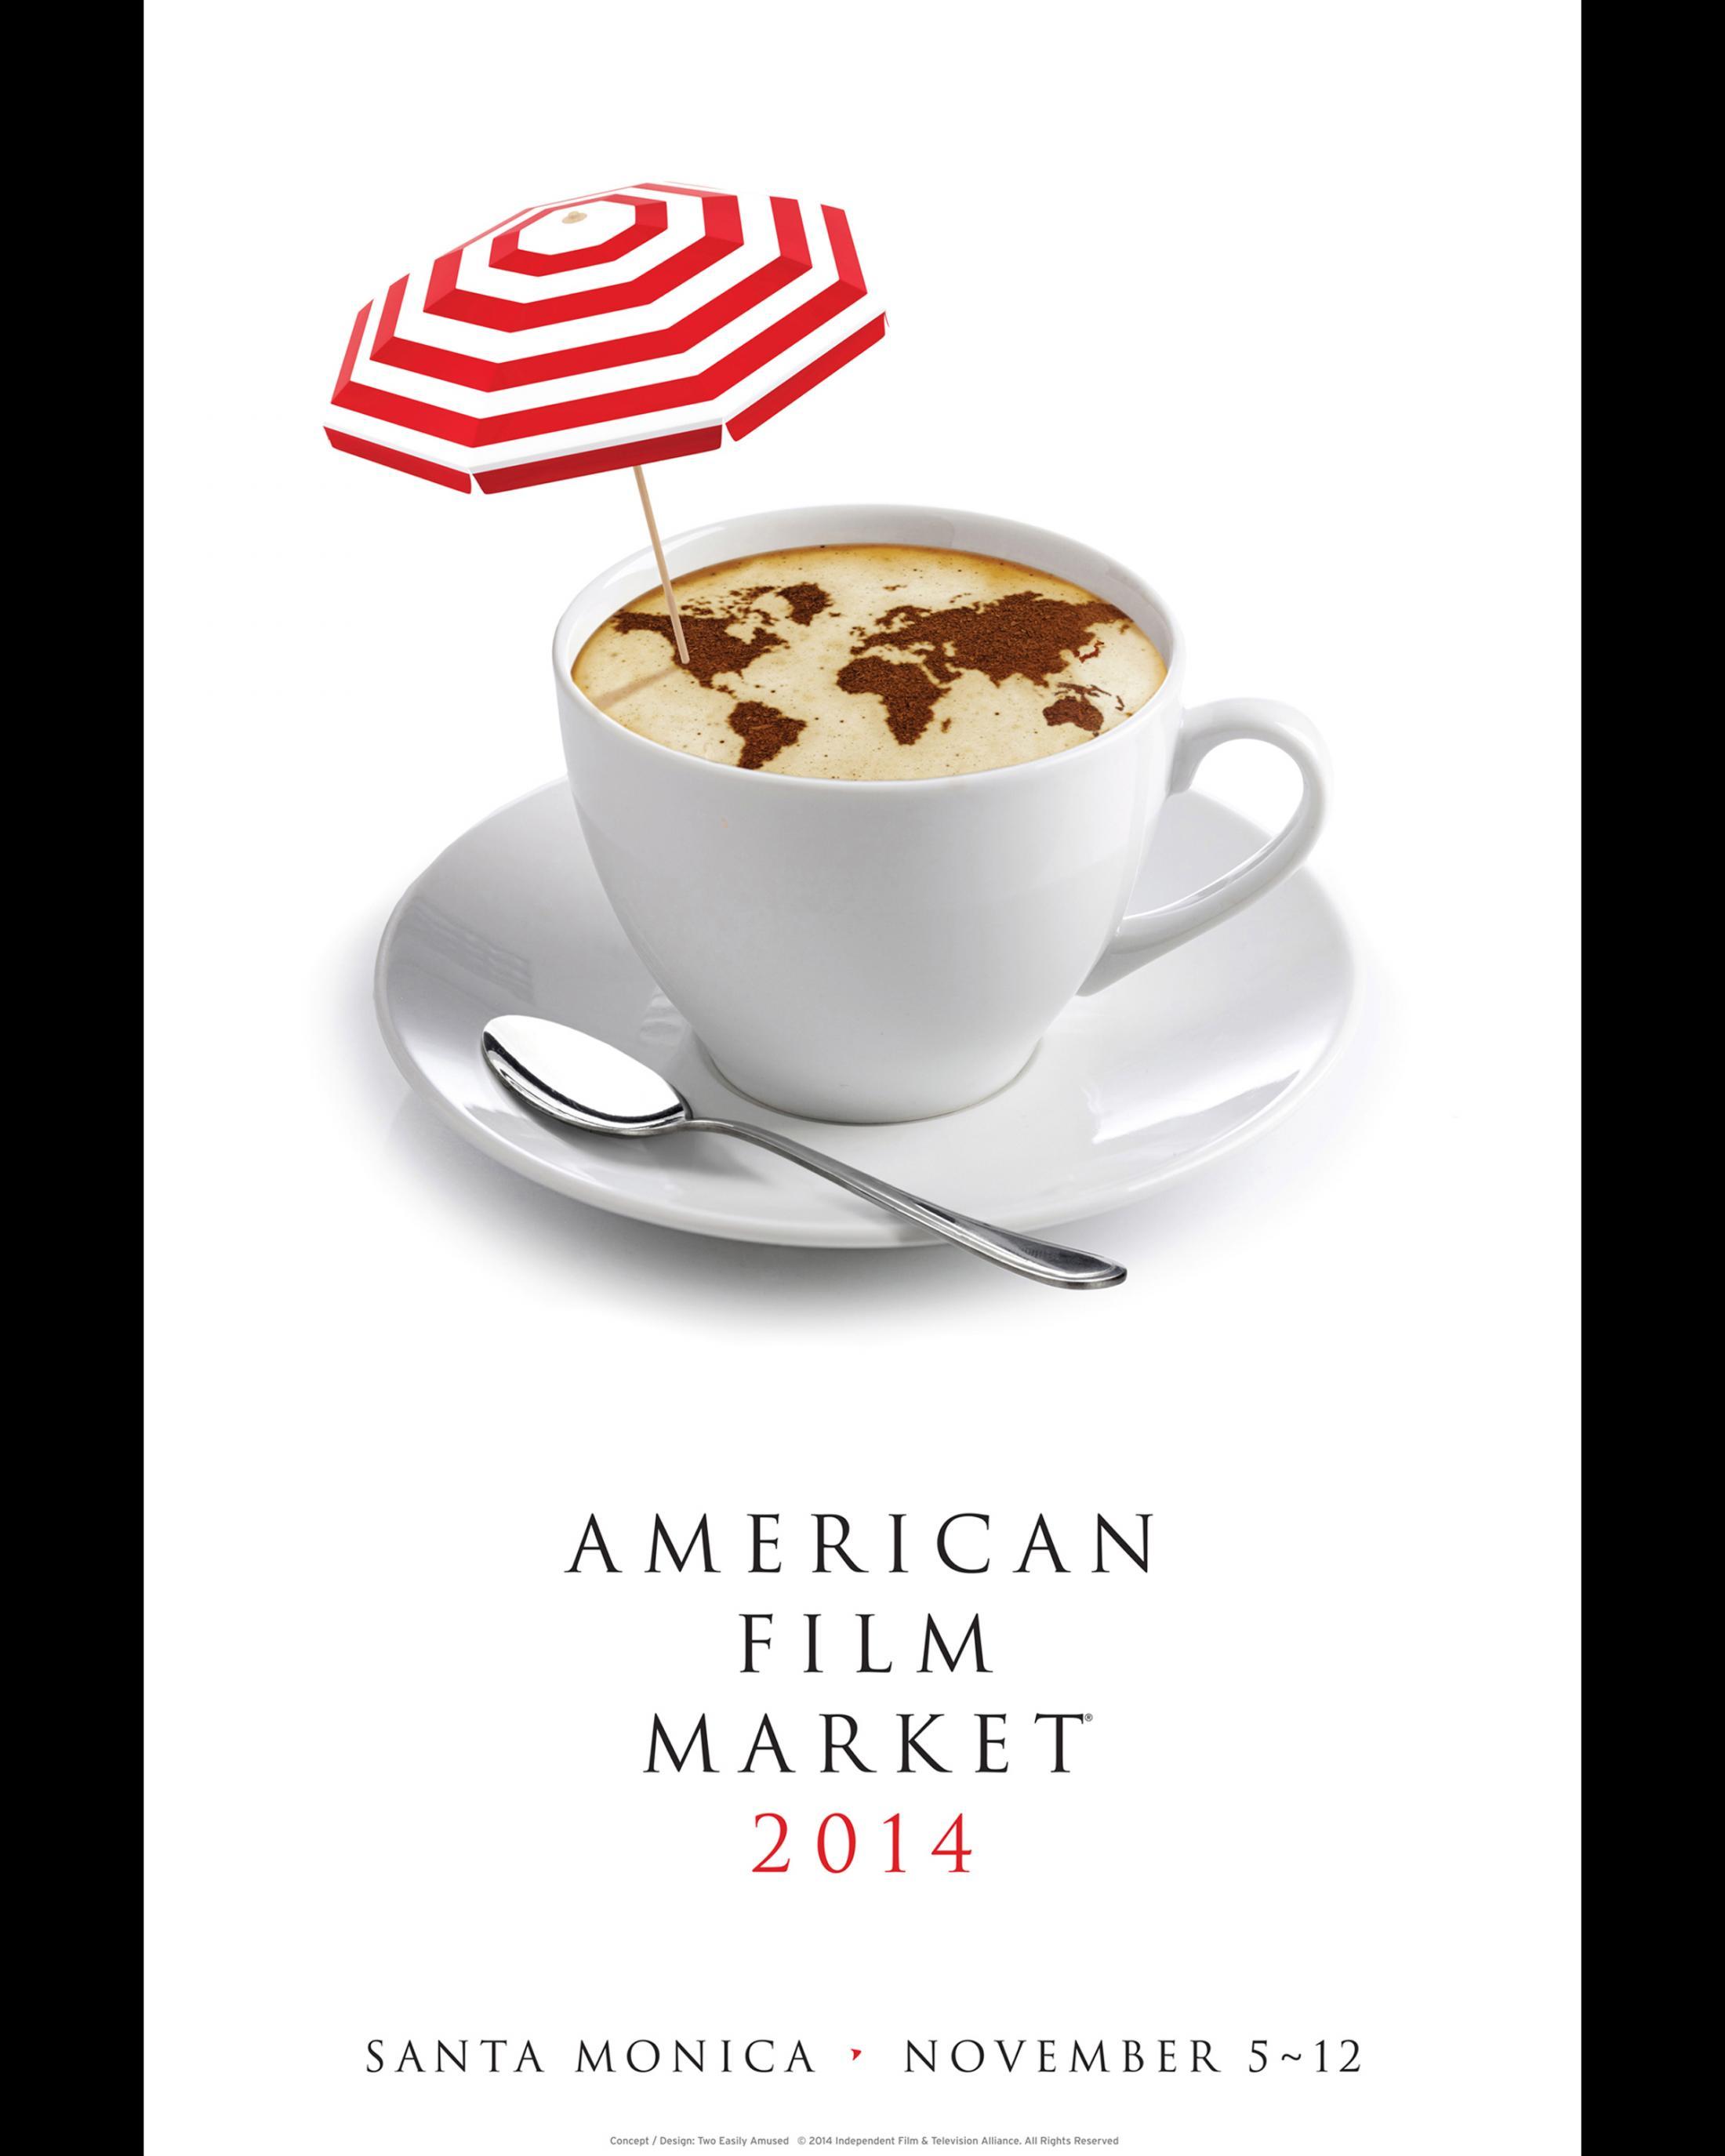 Thumbnail for Film Market Poster